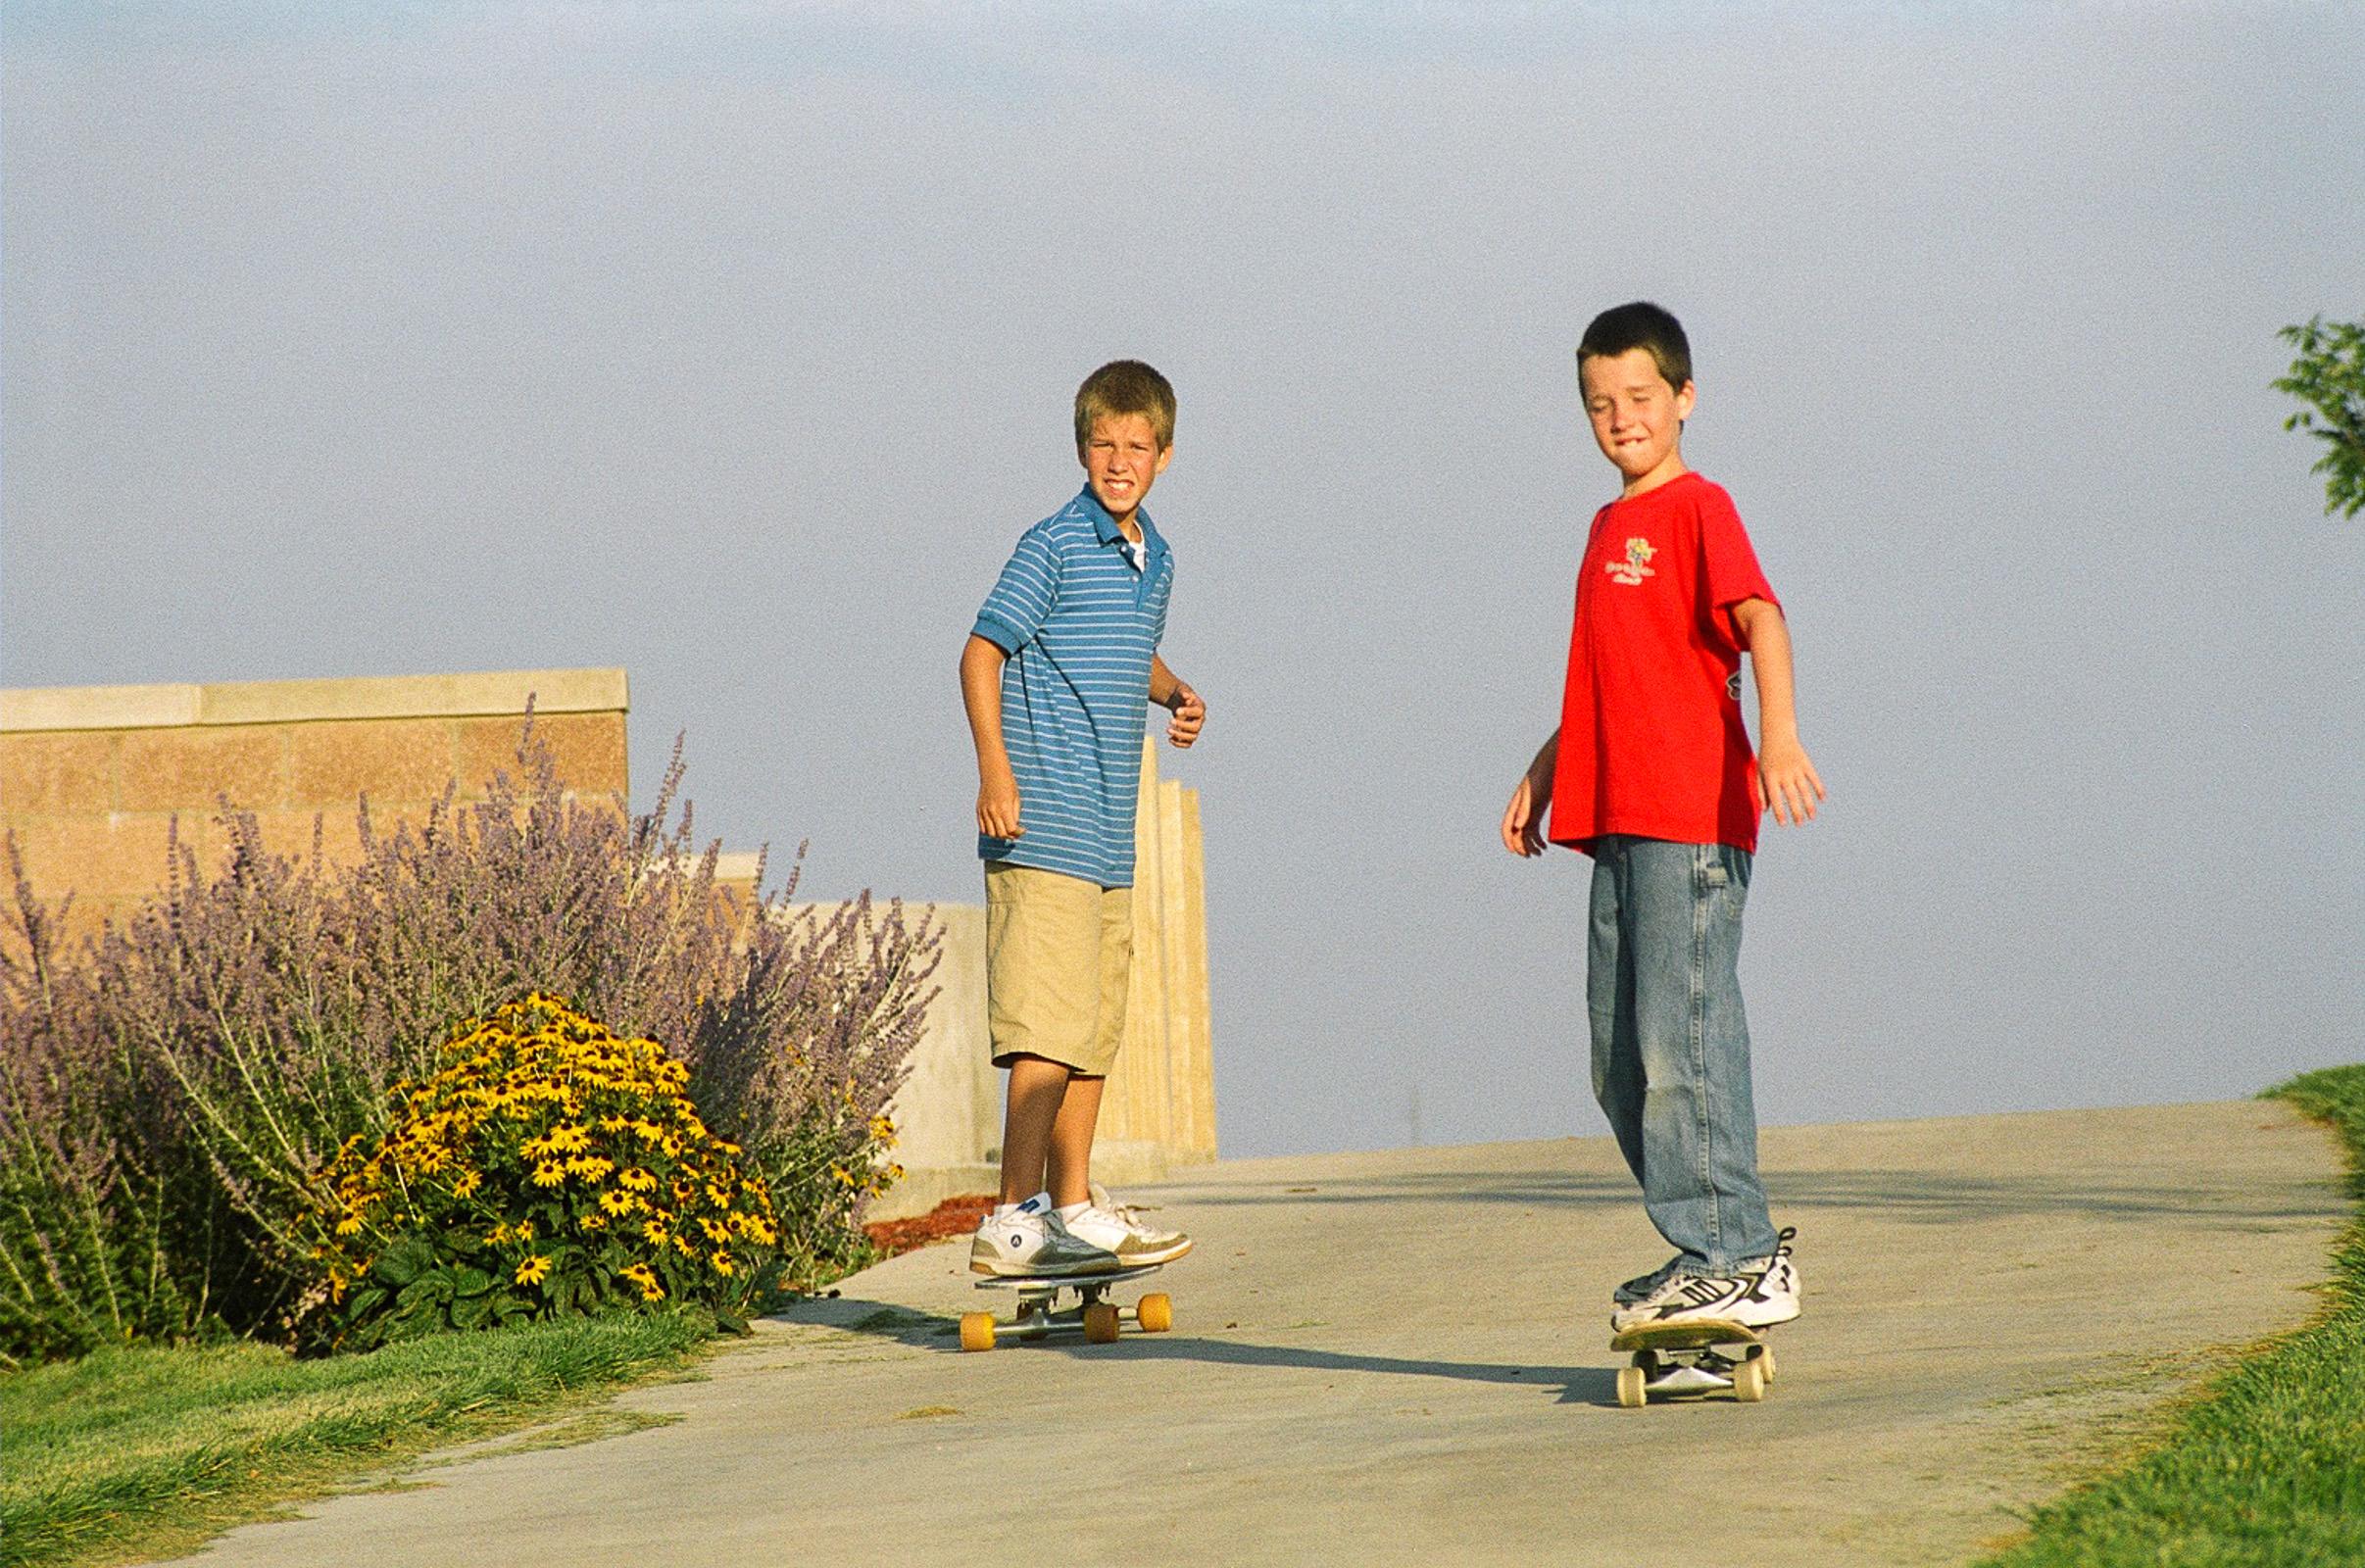 Skateboard-boys1.jpg